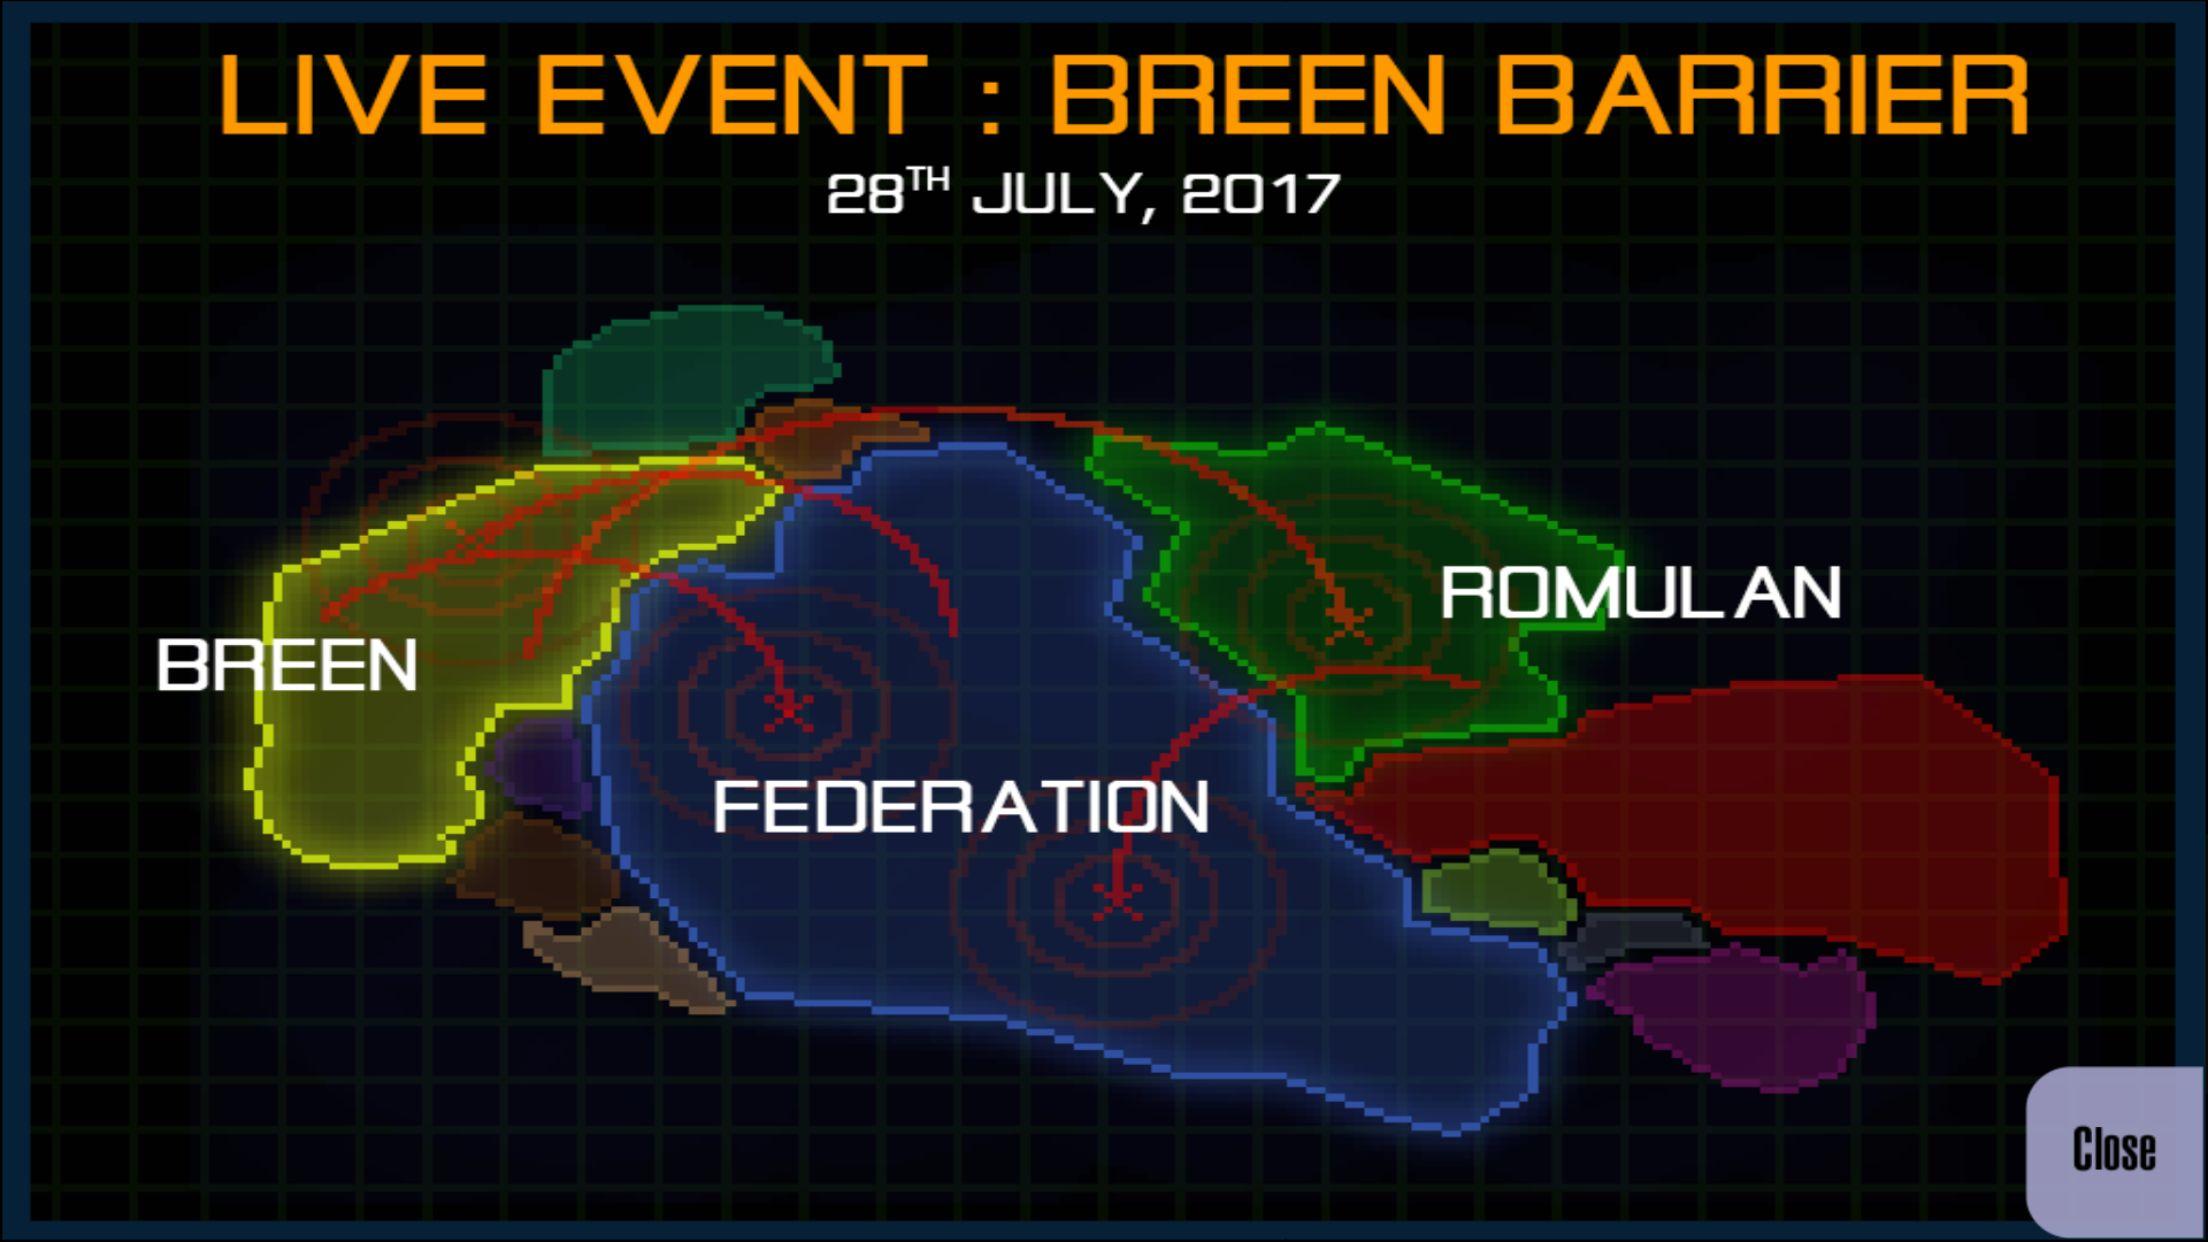 Breen Barrier